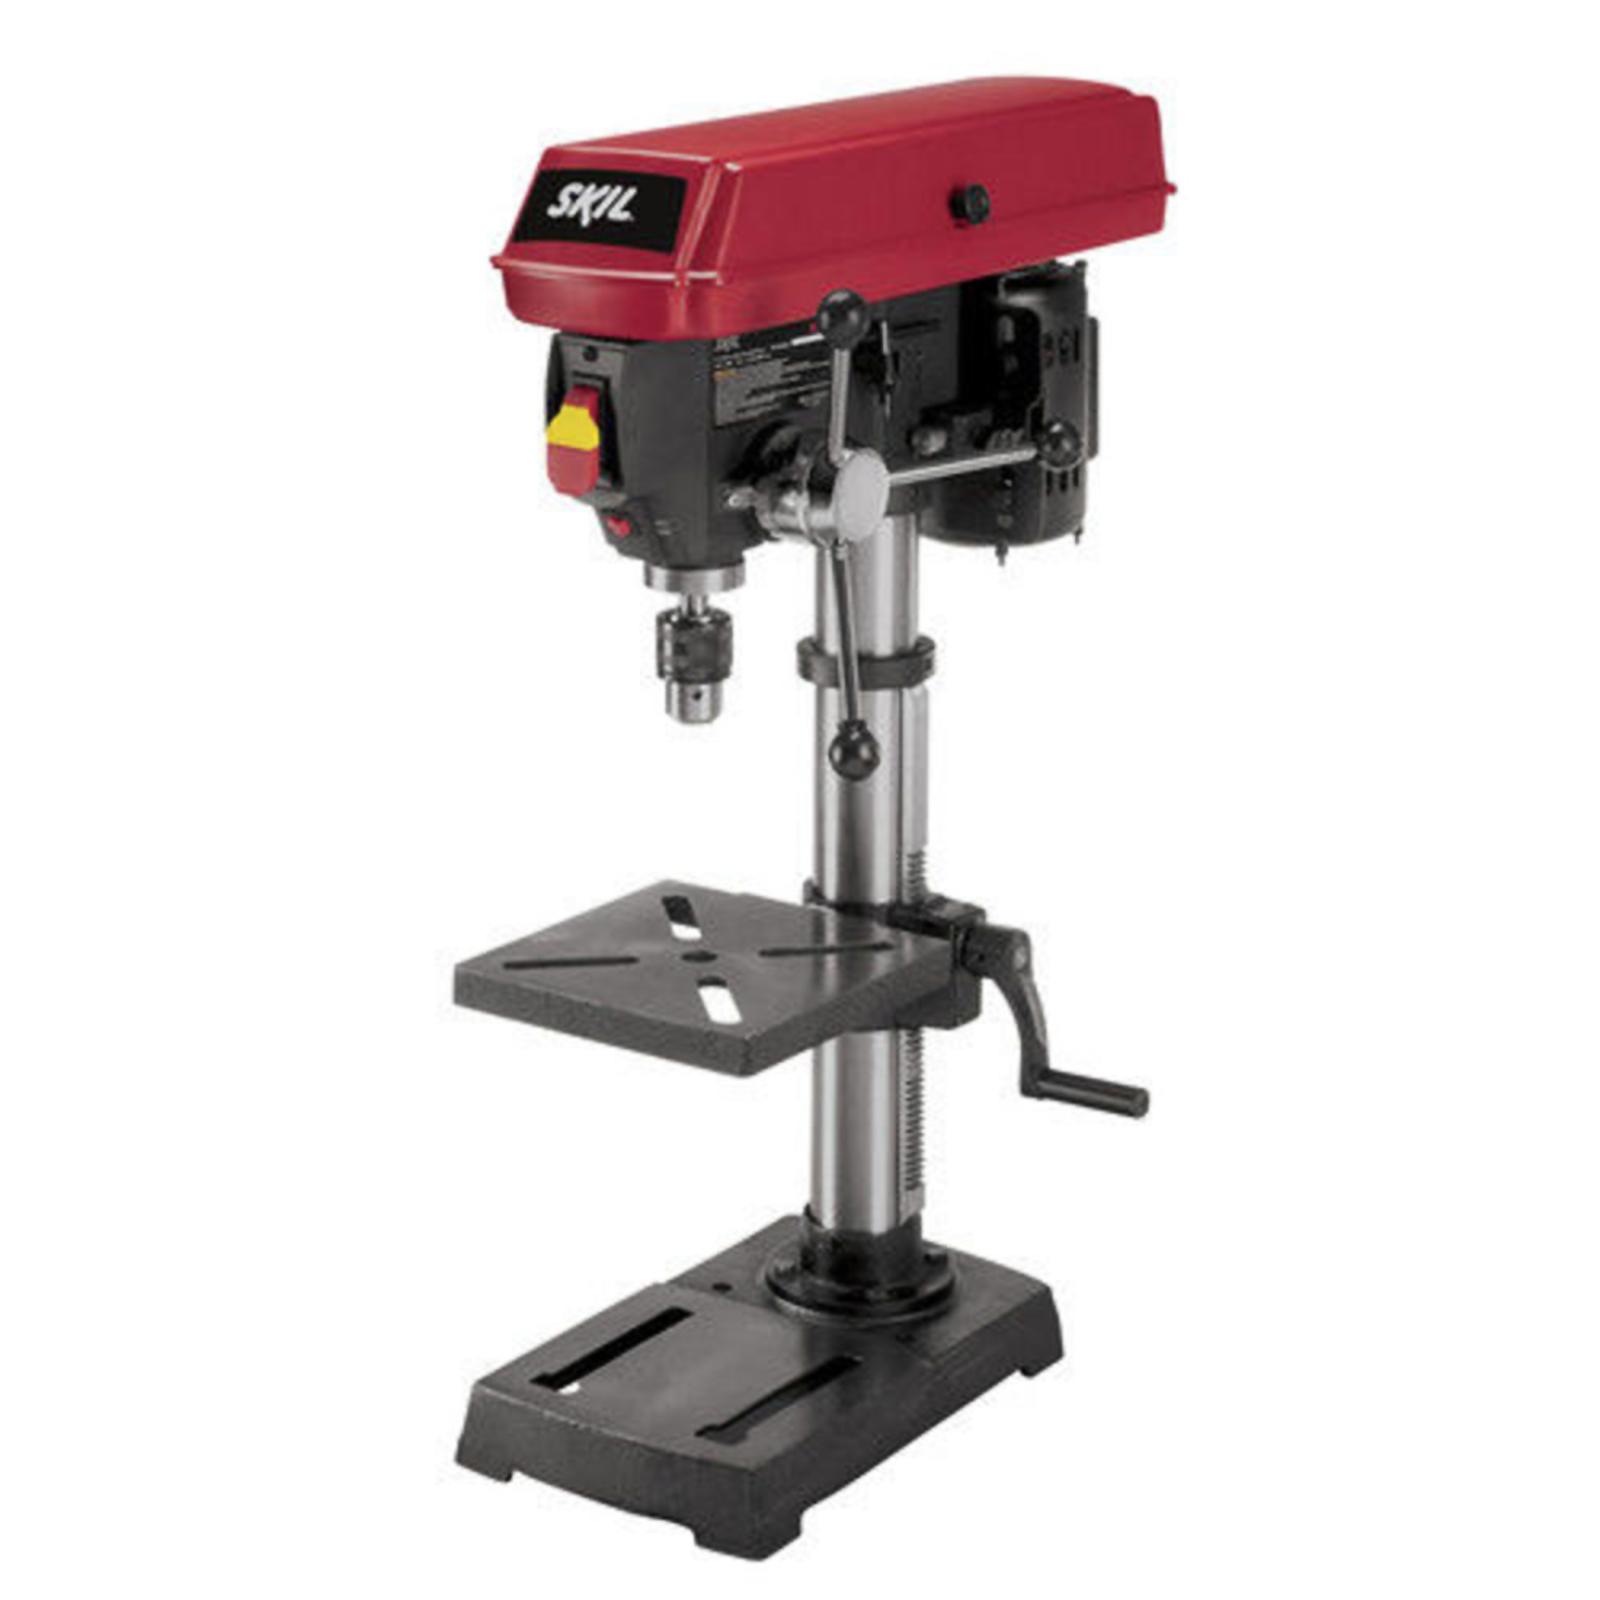 Craftsman Professional Drill Press